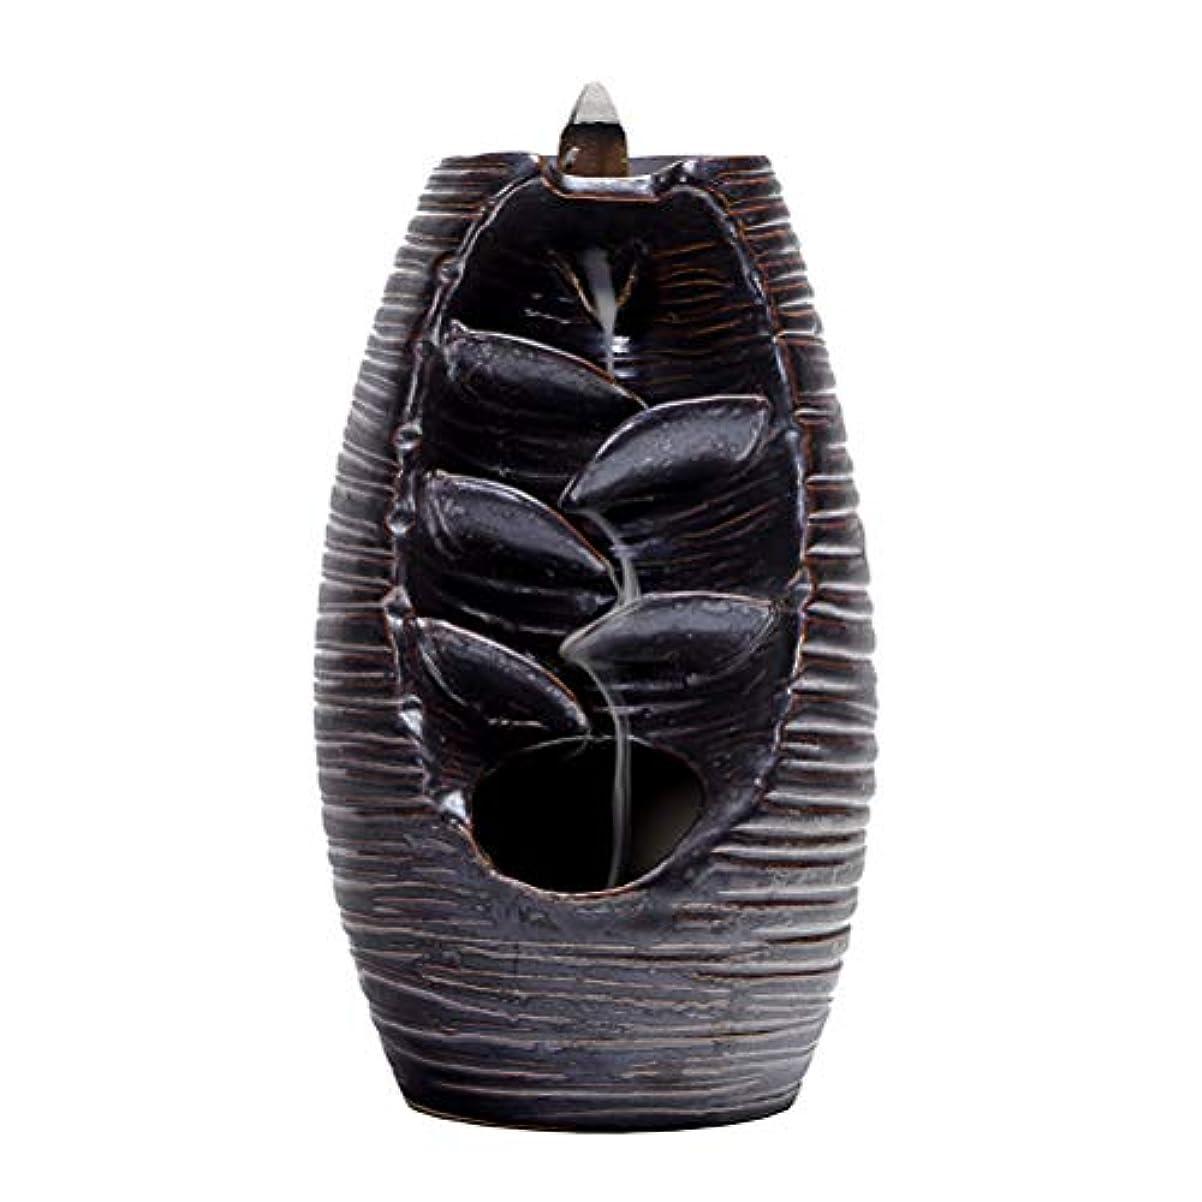 第三哀より平らなVosarea 逆流香バーナー滝香ホルダーアロマ飾り仏教用品(黒)